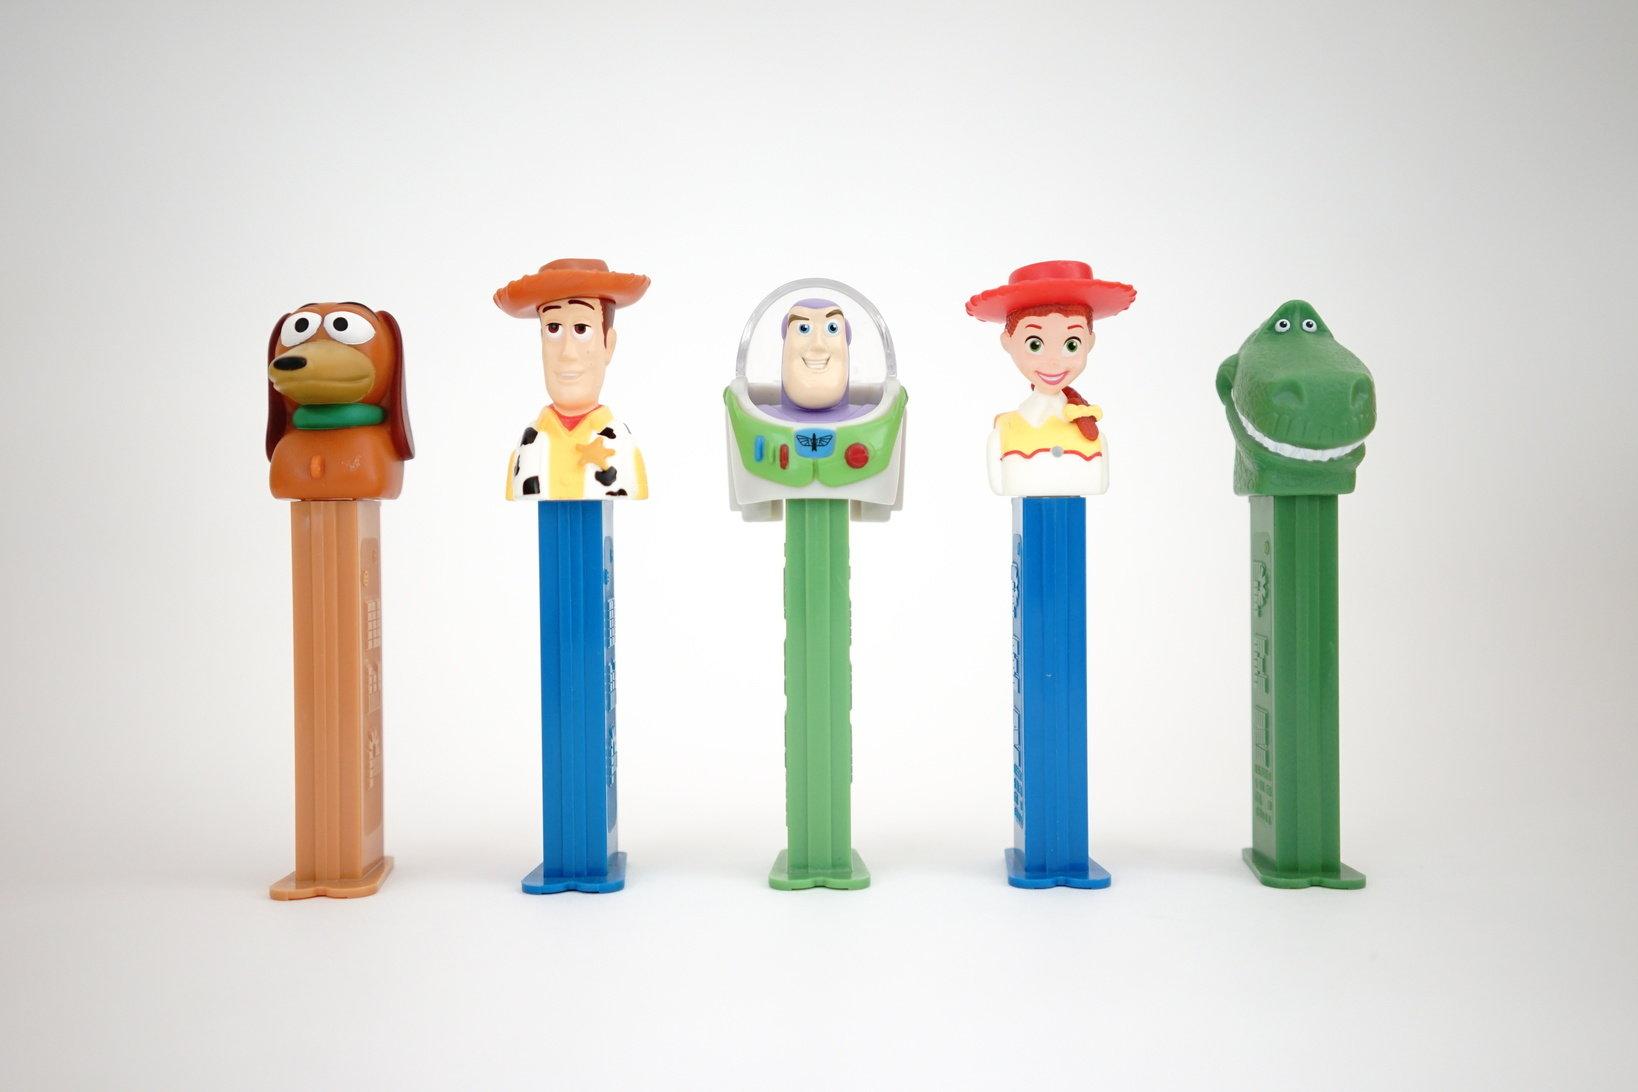 (左から)スリンキー・ドッグ、ウッディ、バズ、ジェシー、レックス